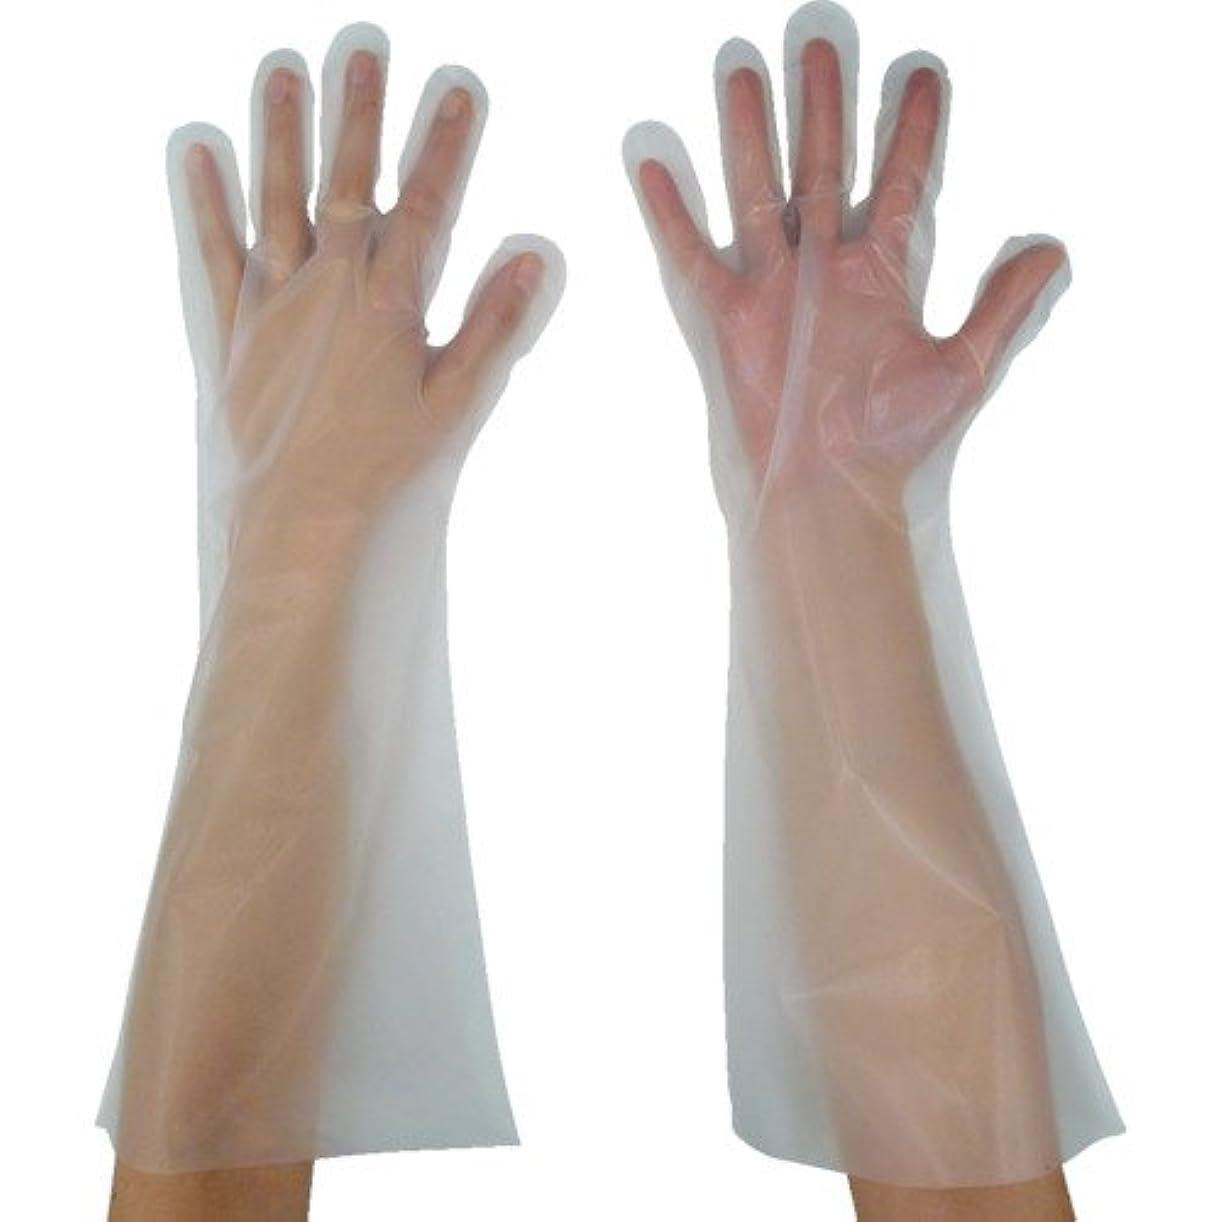 自己尊重発明に応じて東京パック 緊急災害対策用手袋ロング五本絞りL 半透明 KL-L